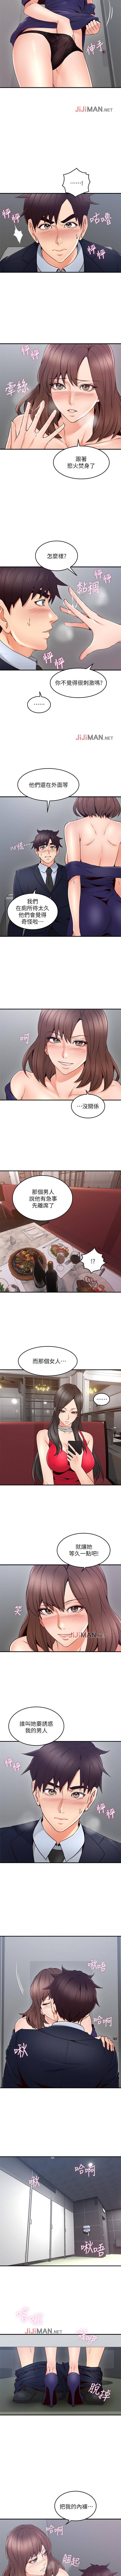 【周六更新】邻居人妻(作者:李周元 & 頸枕) 第1~50话 164